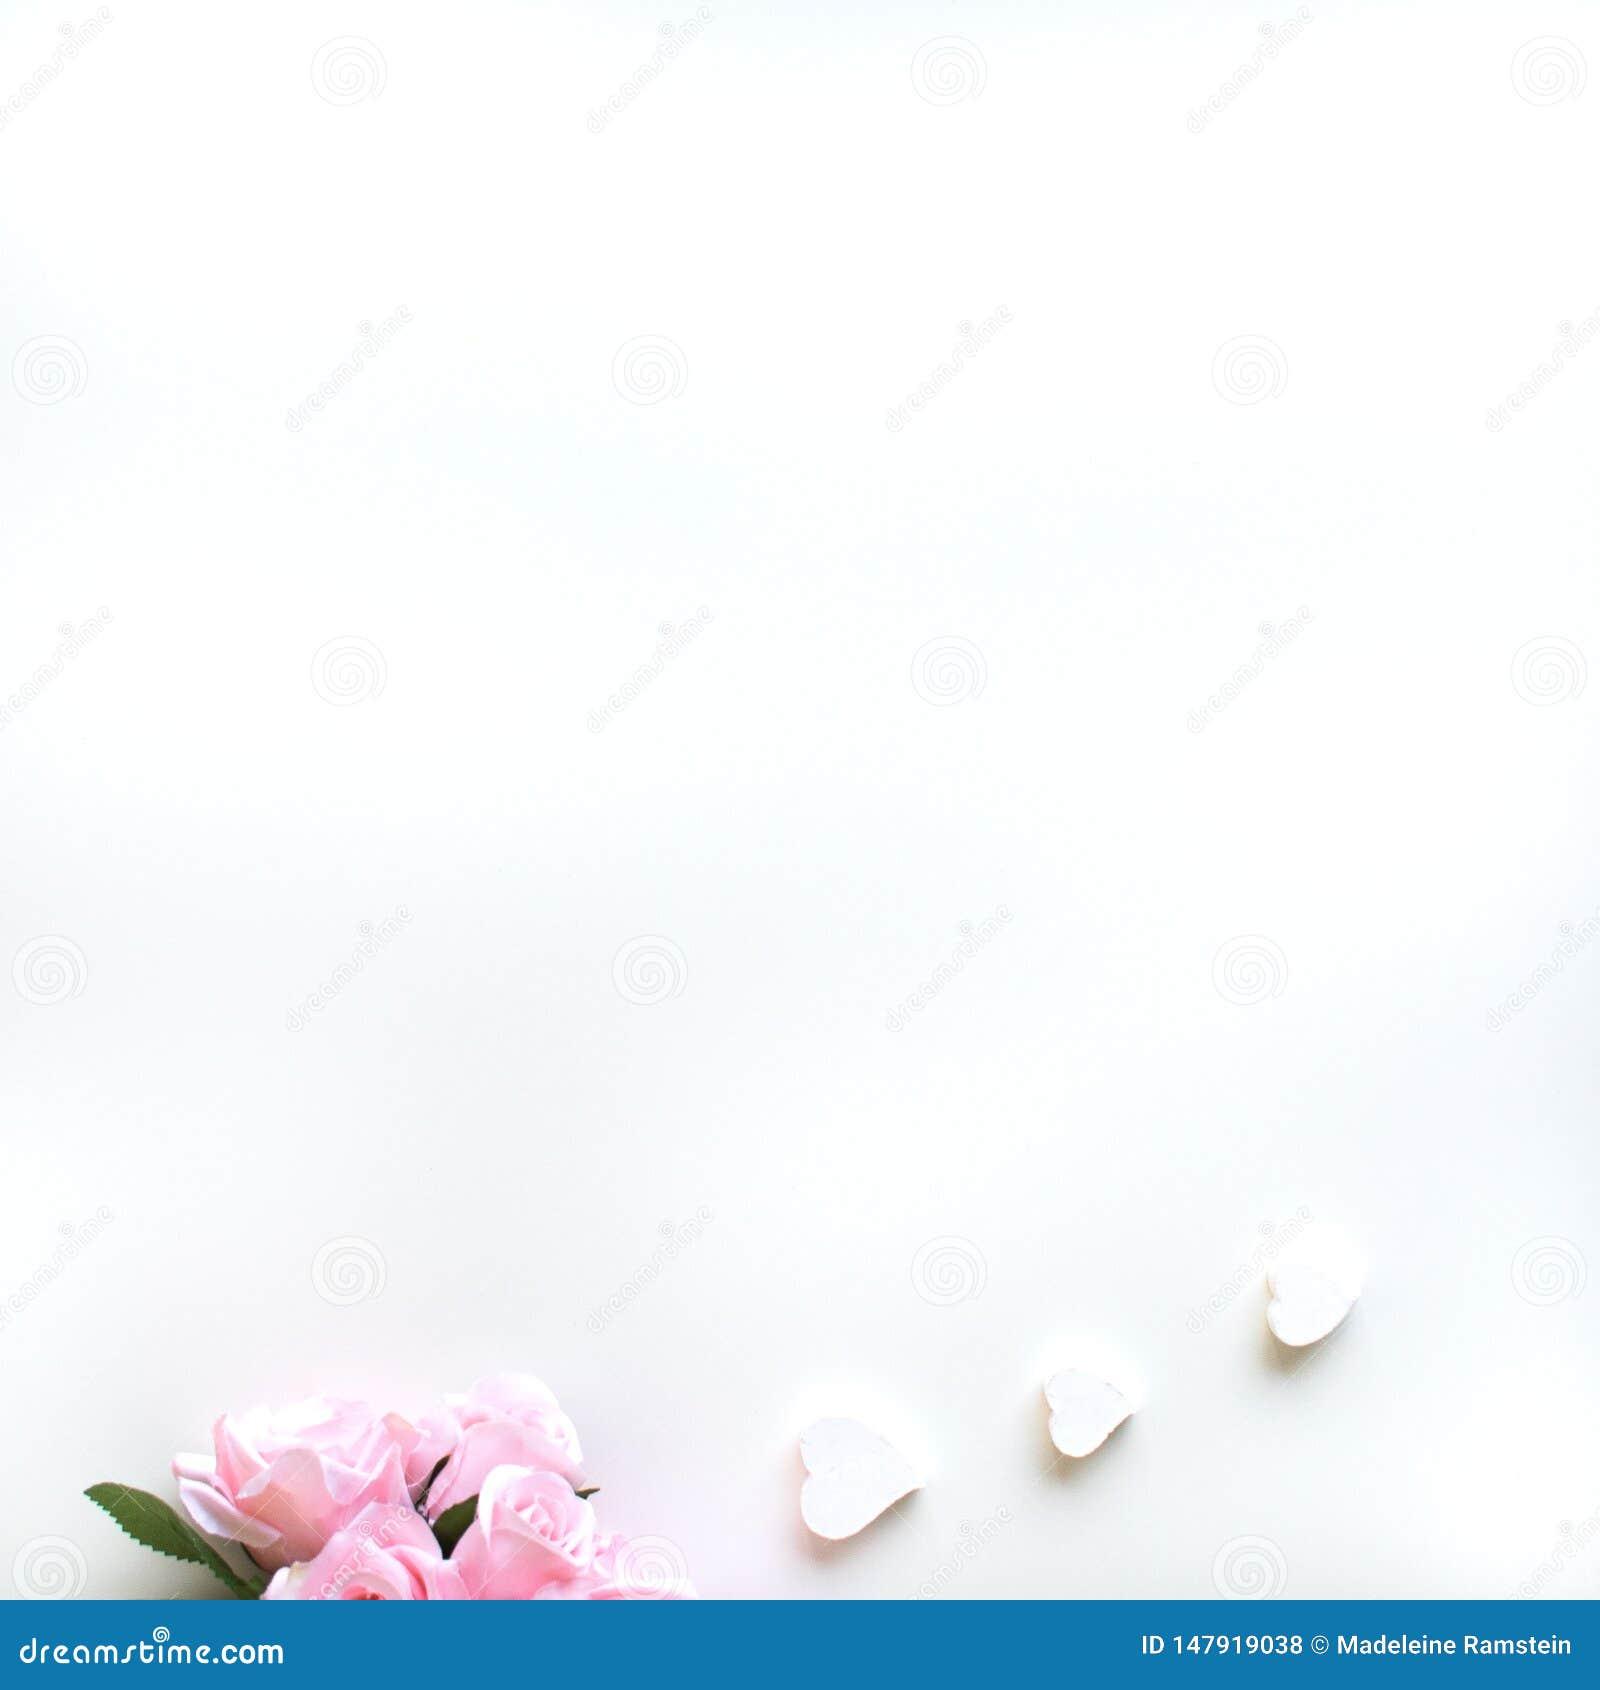 Ebene legen mit verschiedenen Zus?tzen; Blumenblumenstrau?, rosa Rosen, offenes Buch, Bibel